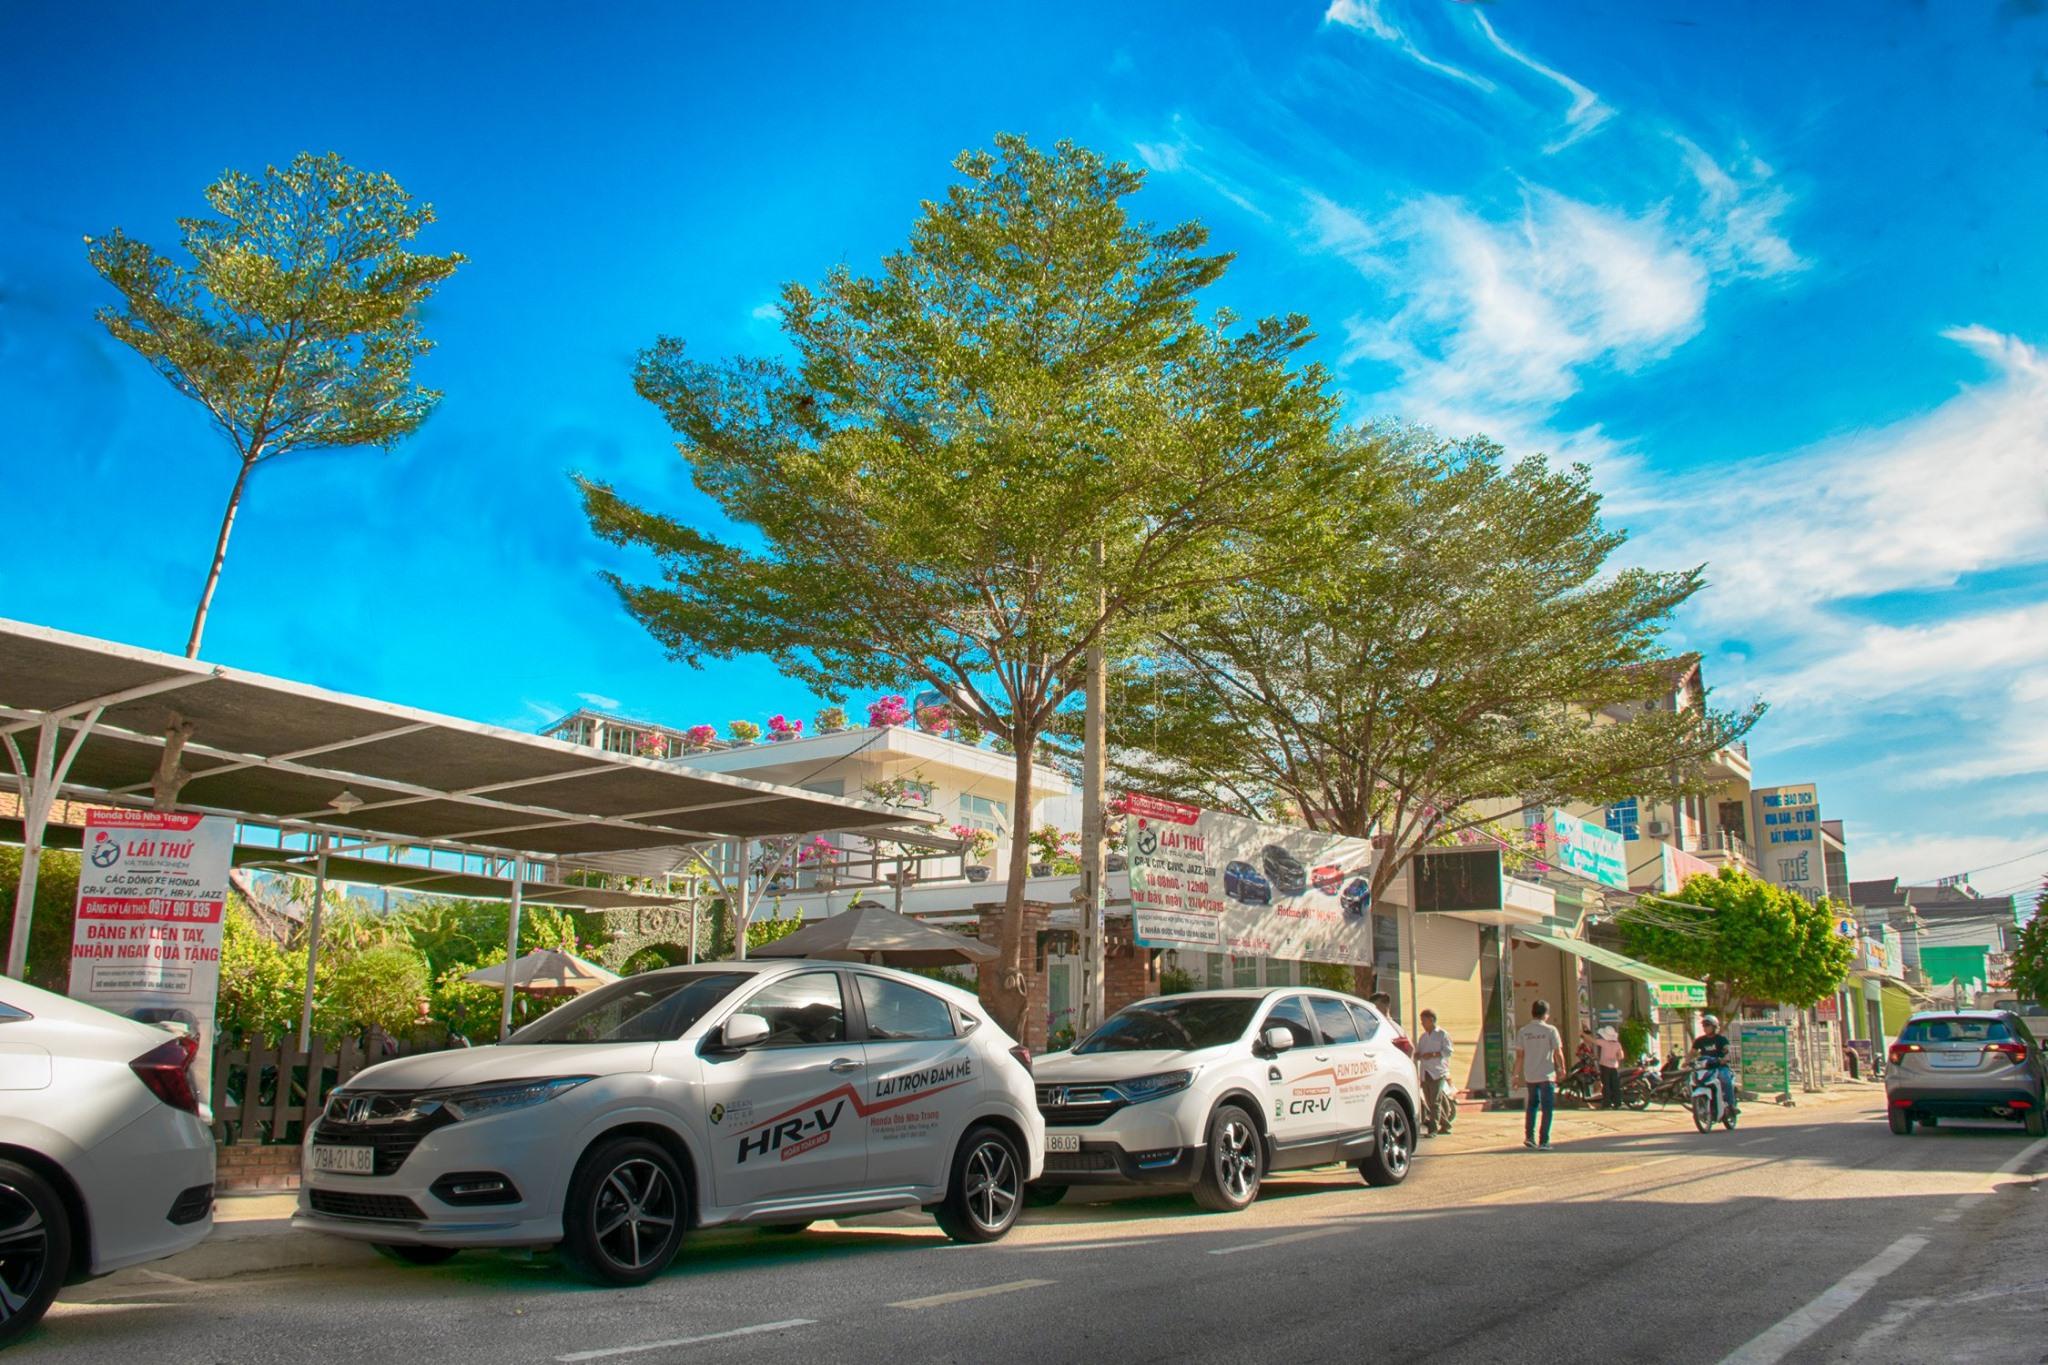 Lái thử và trải nghiệm Honda Ô tô tại làng chài Vạn Giã, Vạn Ninh, Khánh Hòa